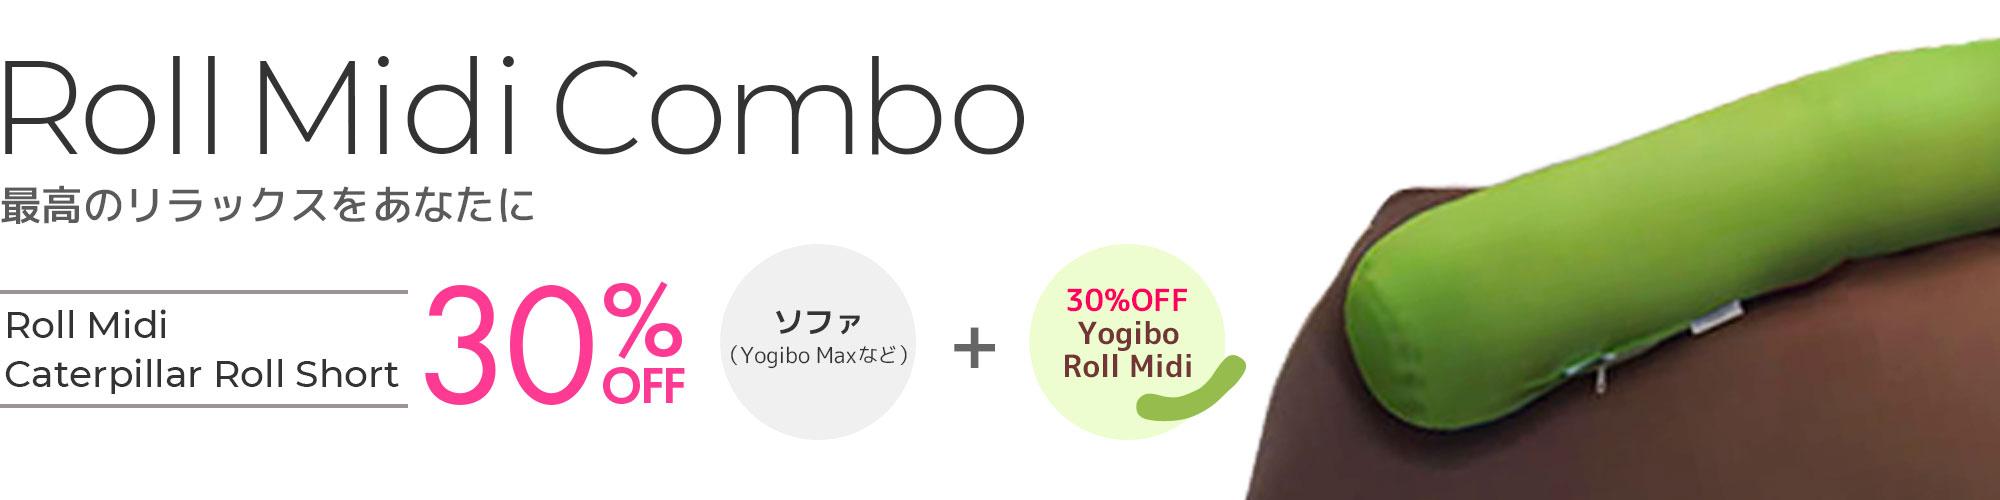 Roll Midi Combo(ロールコンボ)